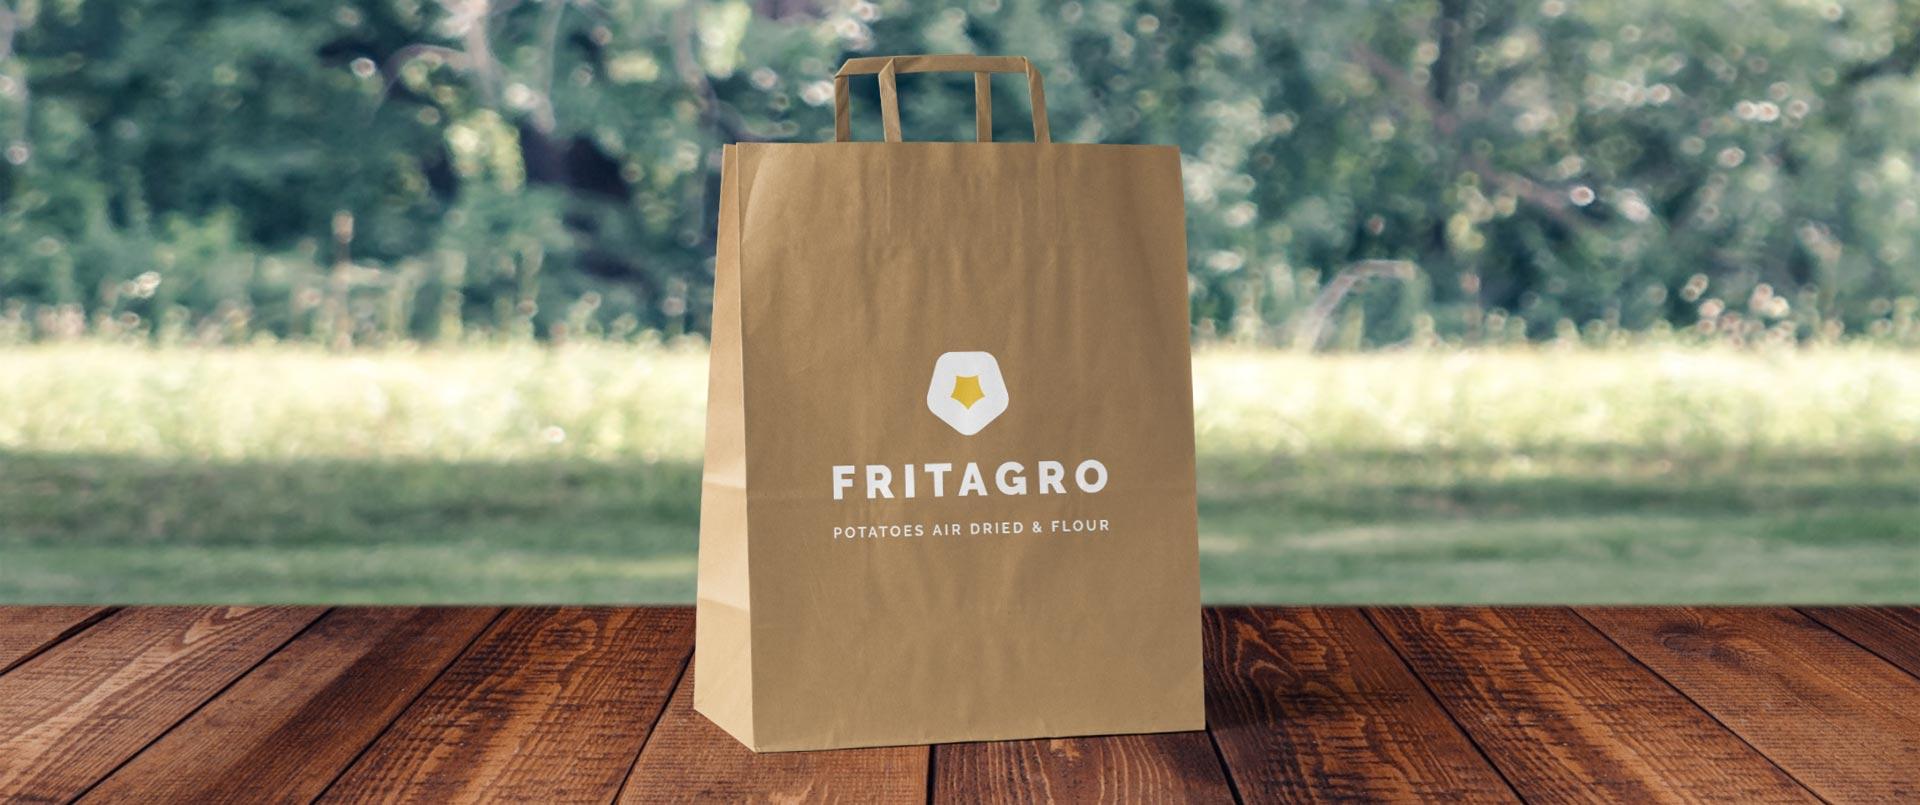 urviho-portfolio-fritagro-03